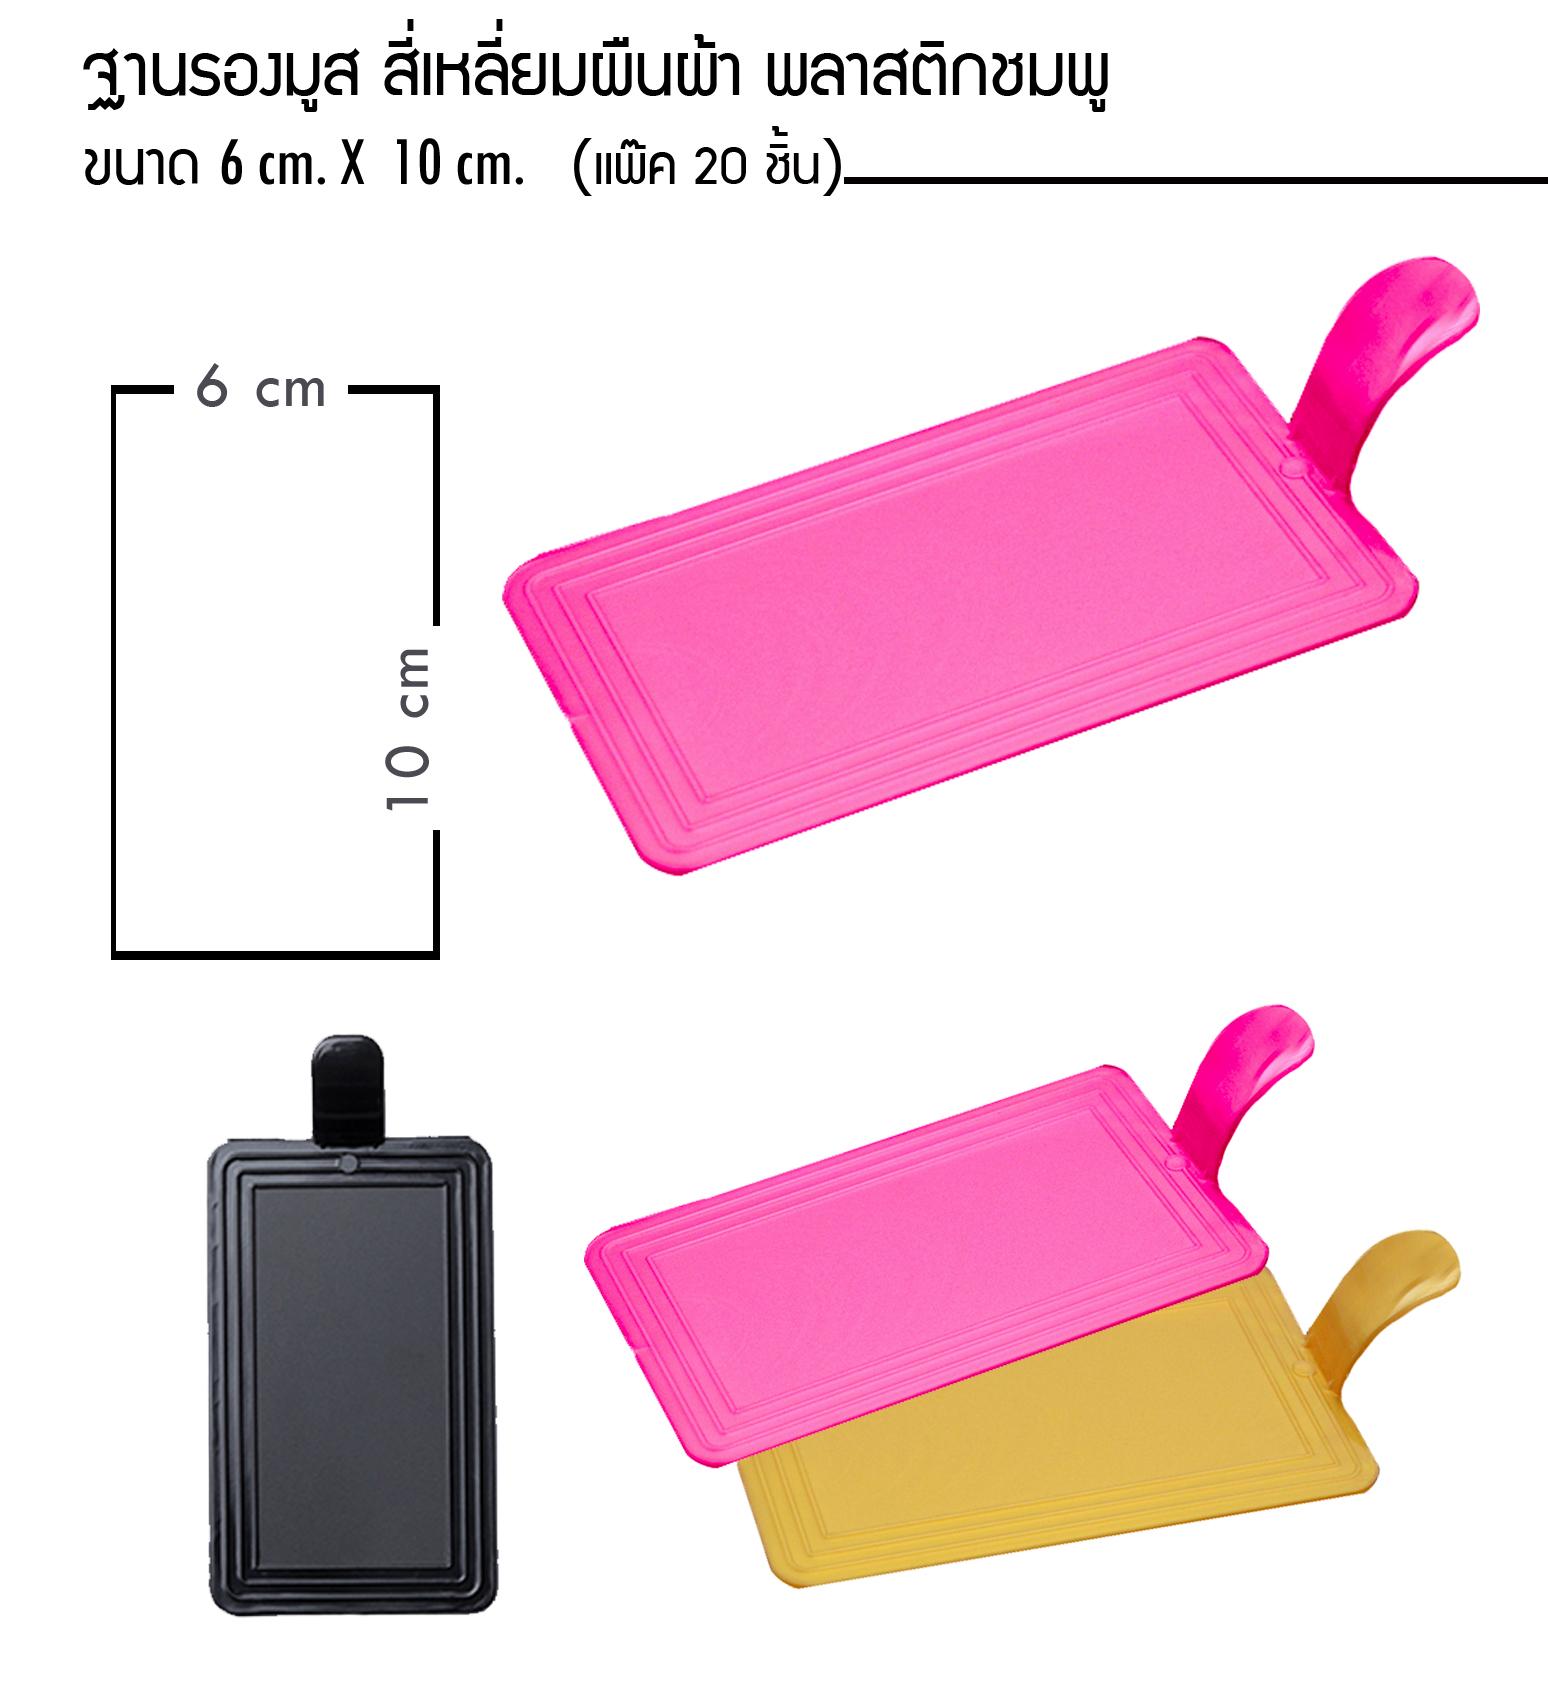 ฐานรองมูส สี่เหลี่ยมผืนผ้า พลาสติกชมพู (ขนาด 6 cm X 10 cm ) แพ๊ค 20ชิ้น